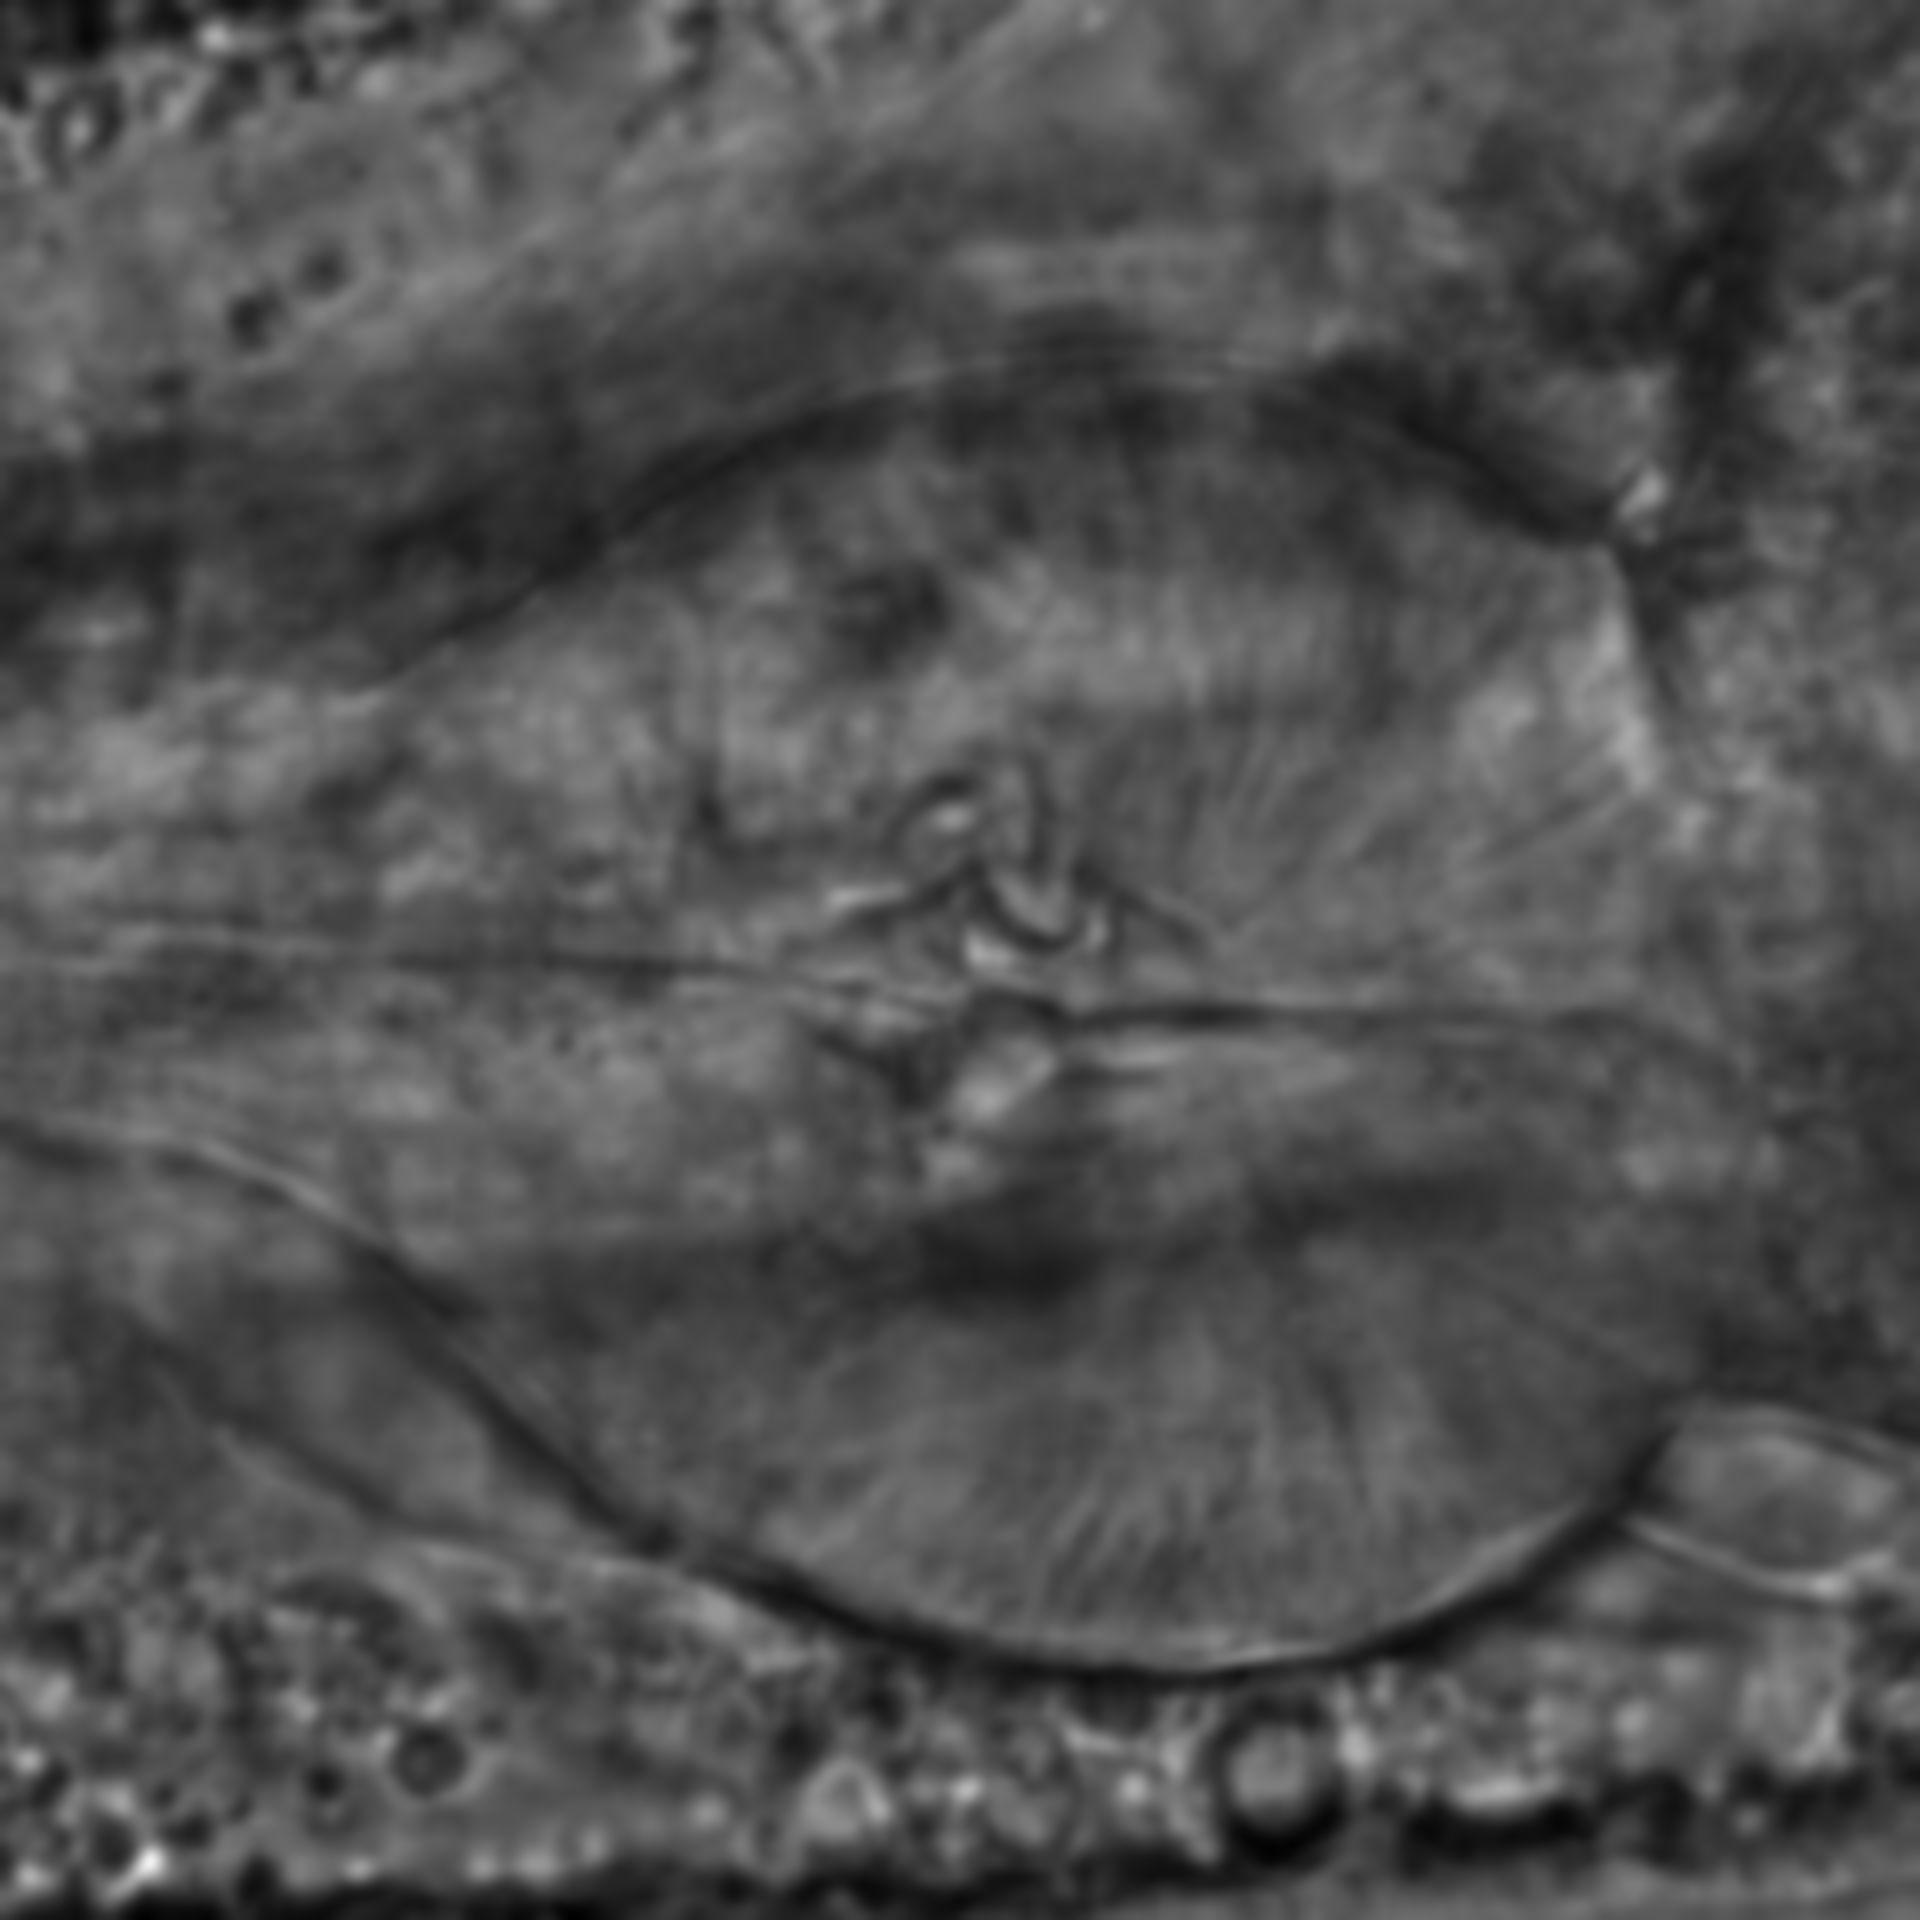 Caenorhabditis elegans - CIL:2194